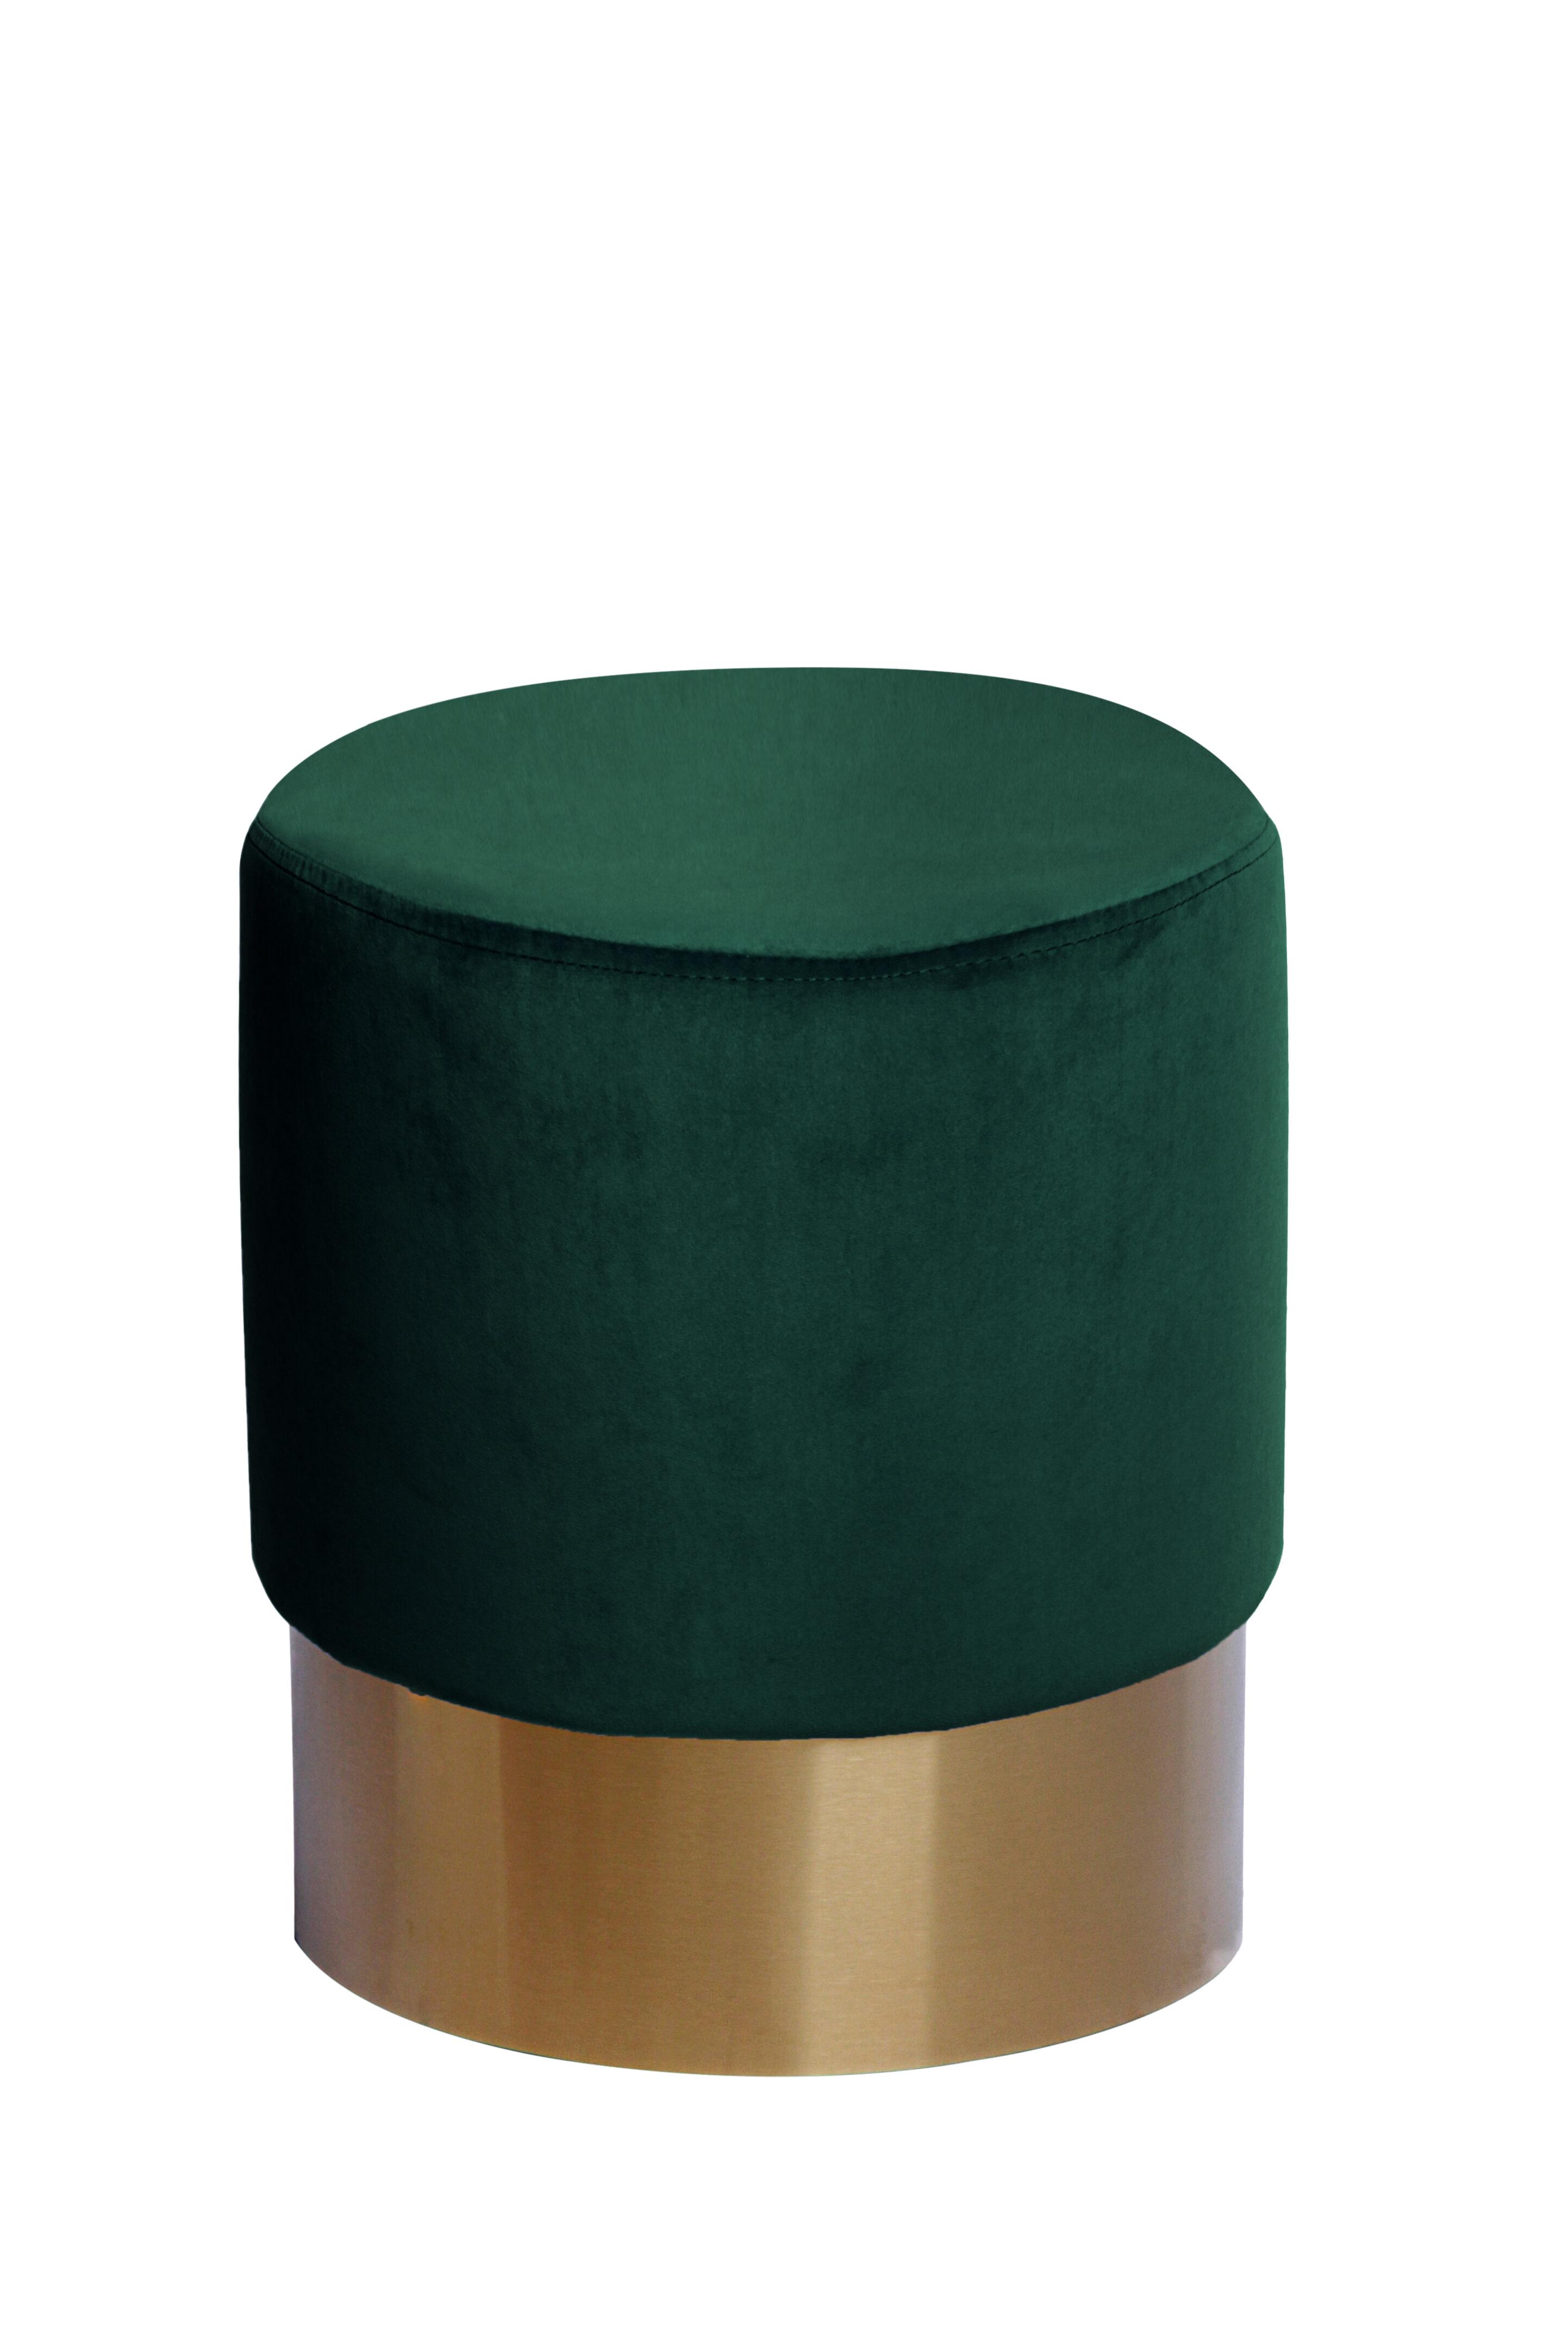 Kayoom Poef 'Nano' 35cm, kleur donkergroen